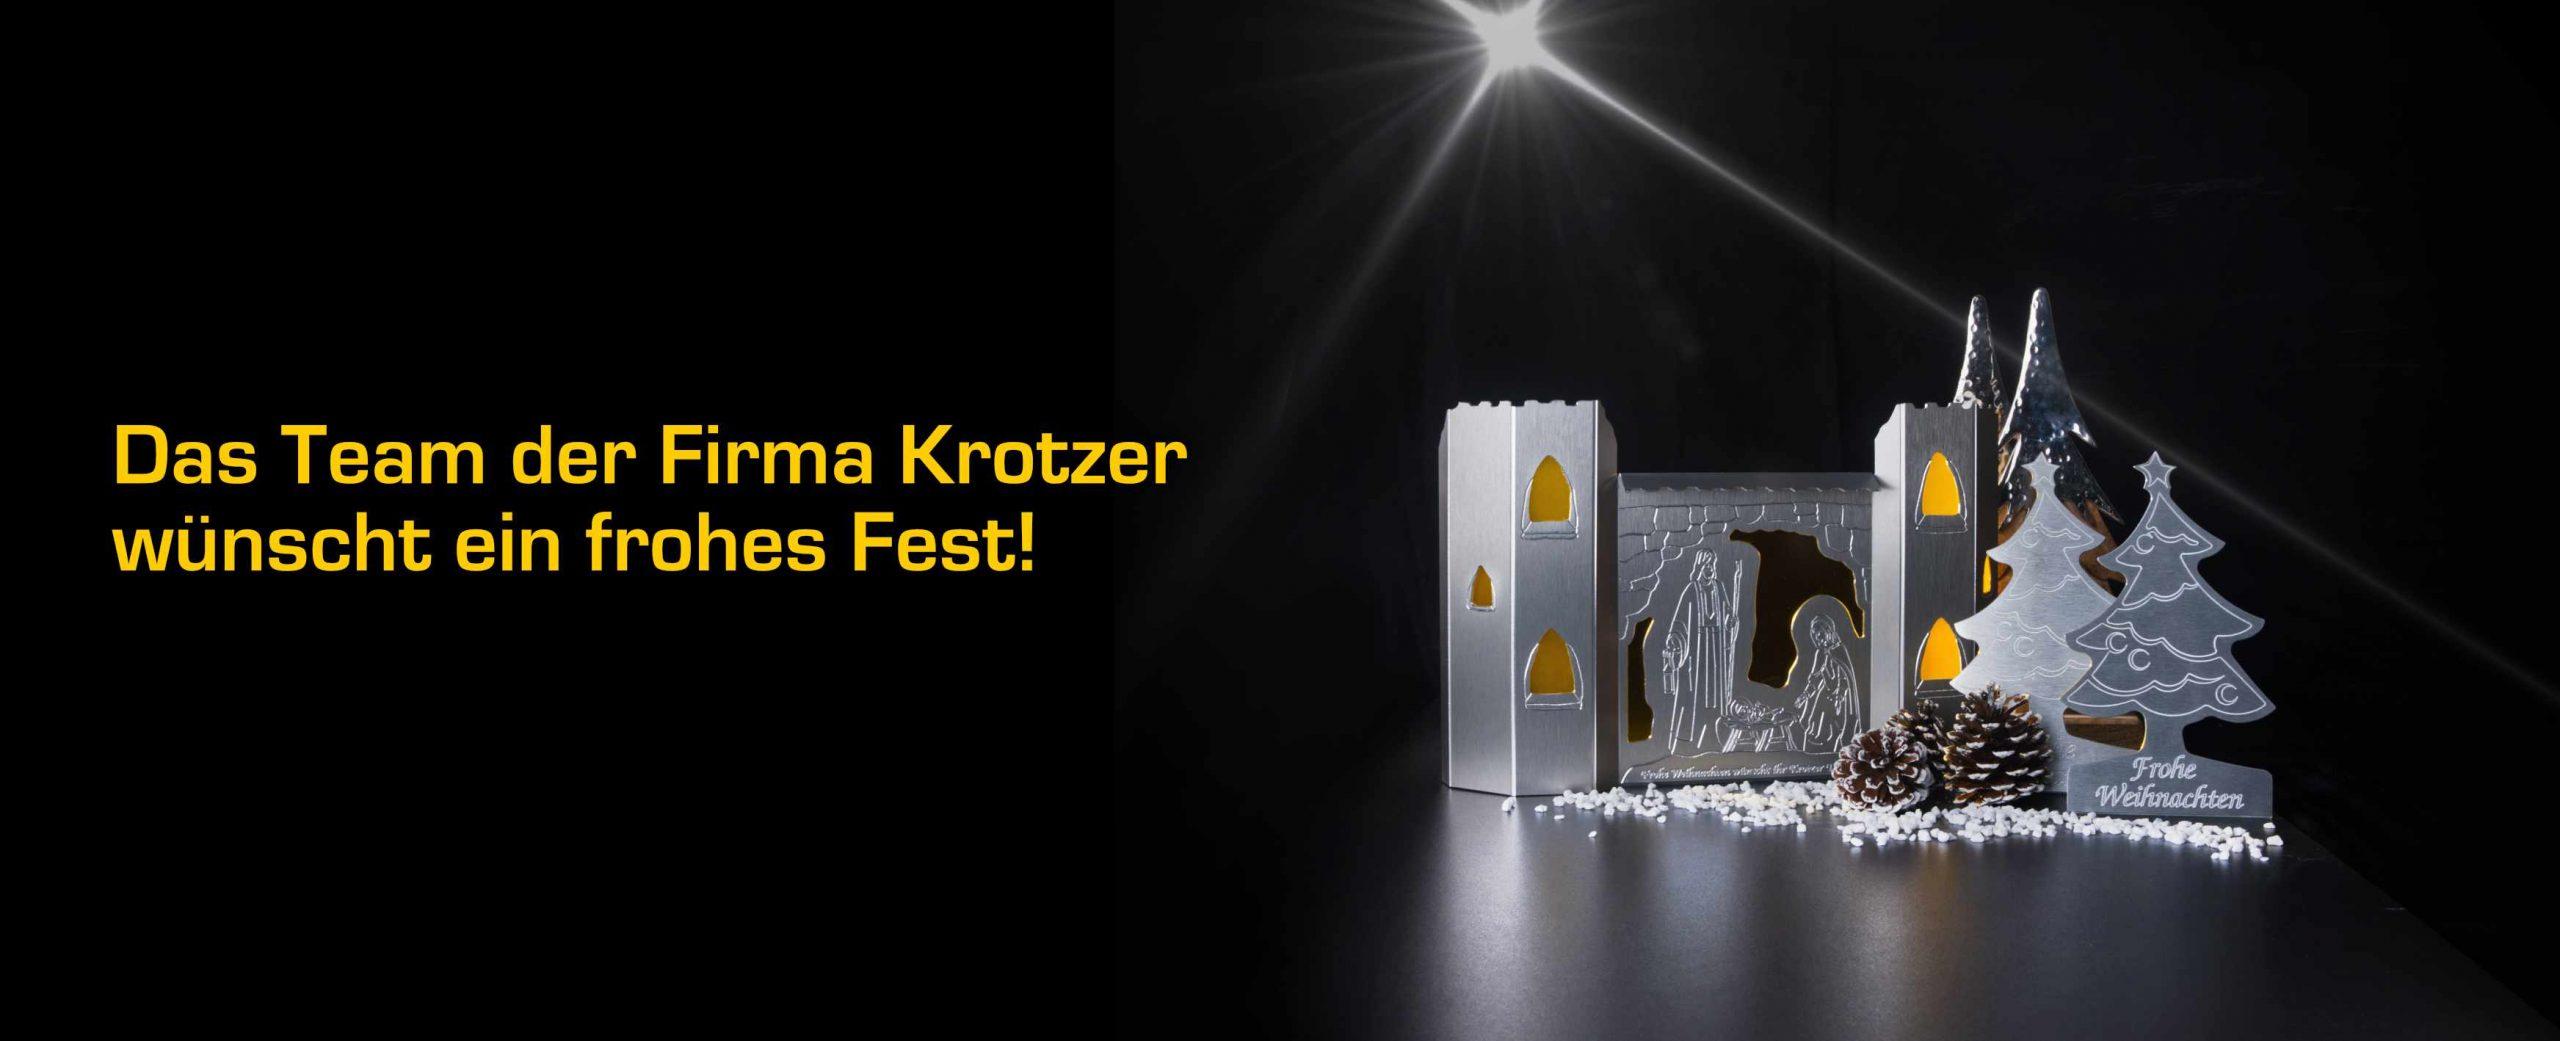 Das Team der Firma Krotzer wünscht ein frohes Fest!